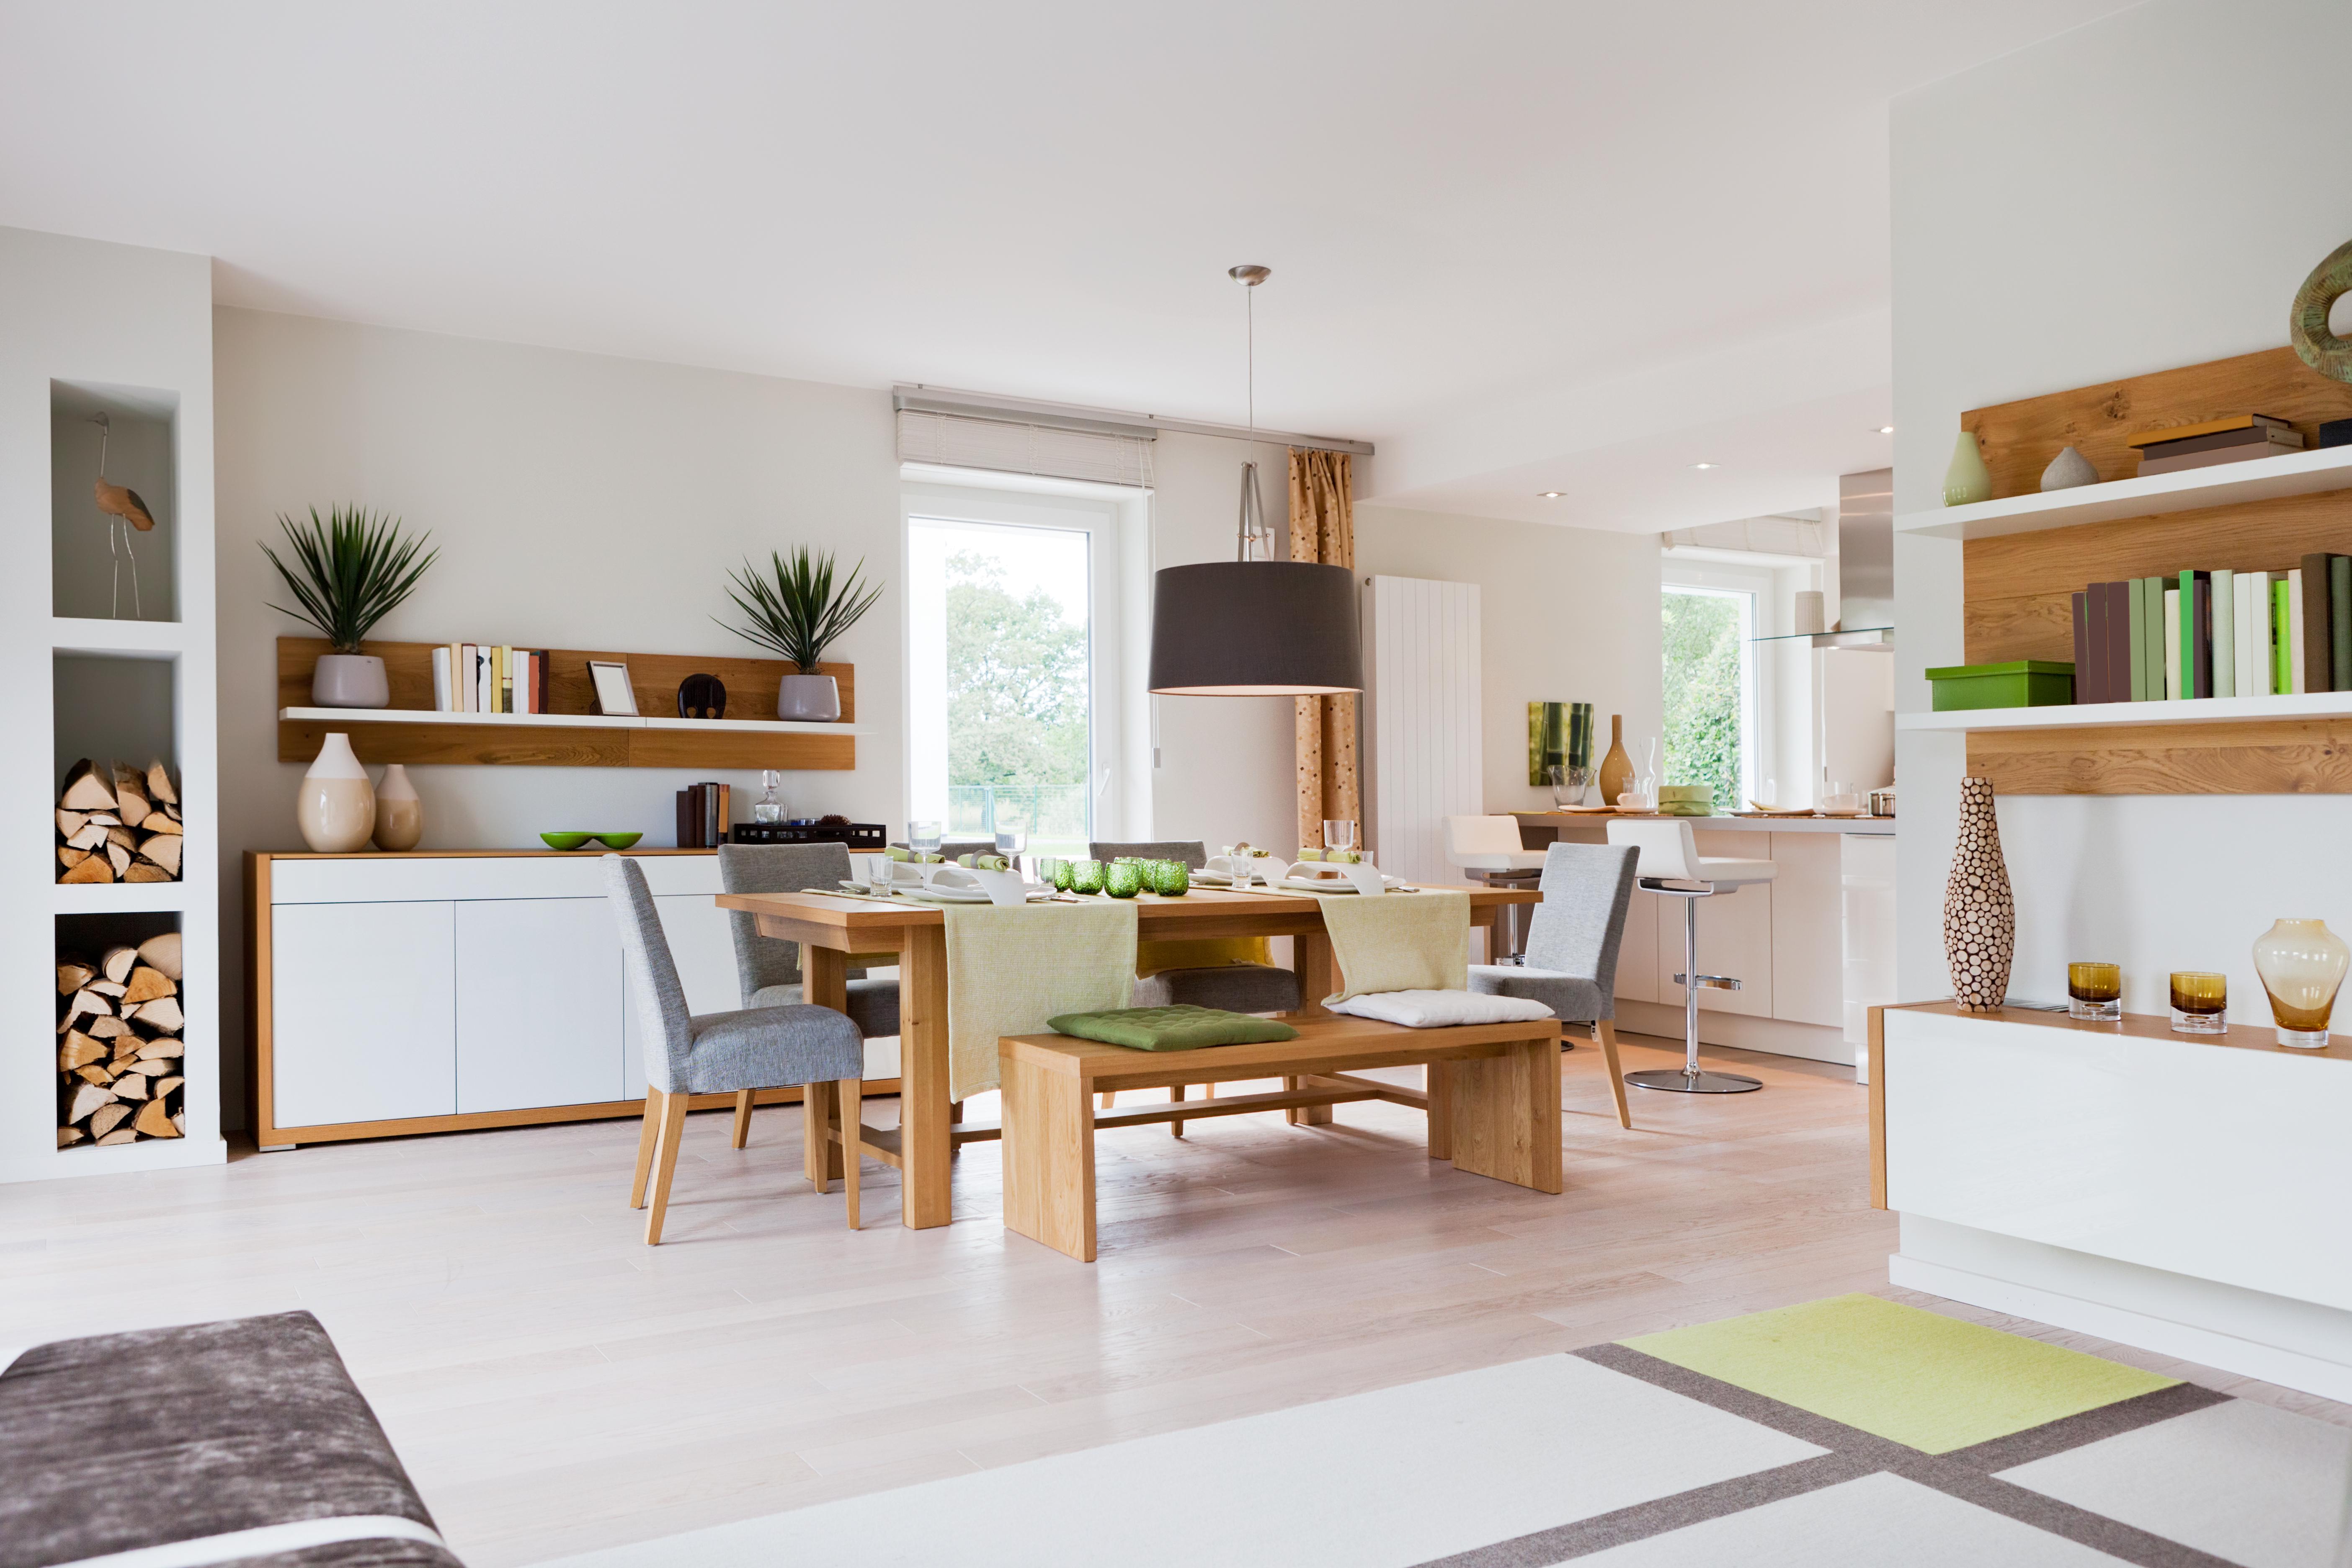 Modernistisk Slik lyssetter du hjemmet - rom for rom | Huseierne HM-54